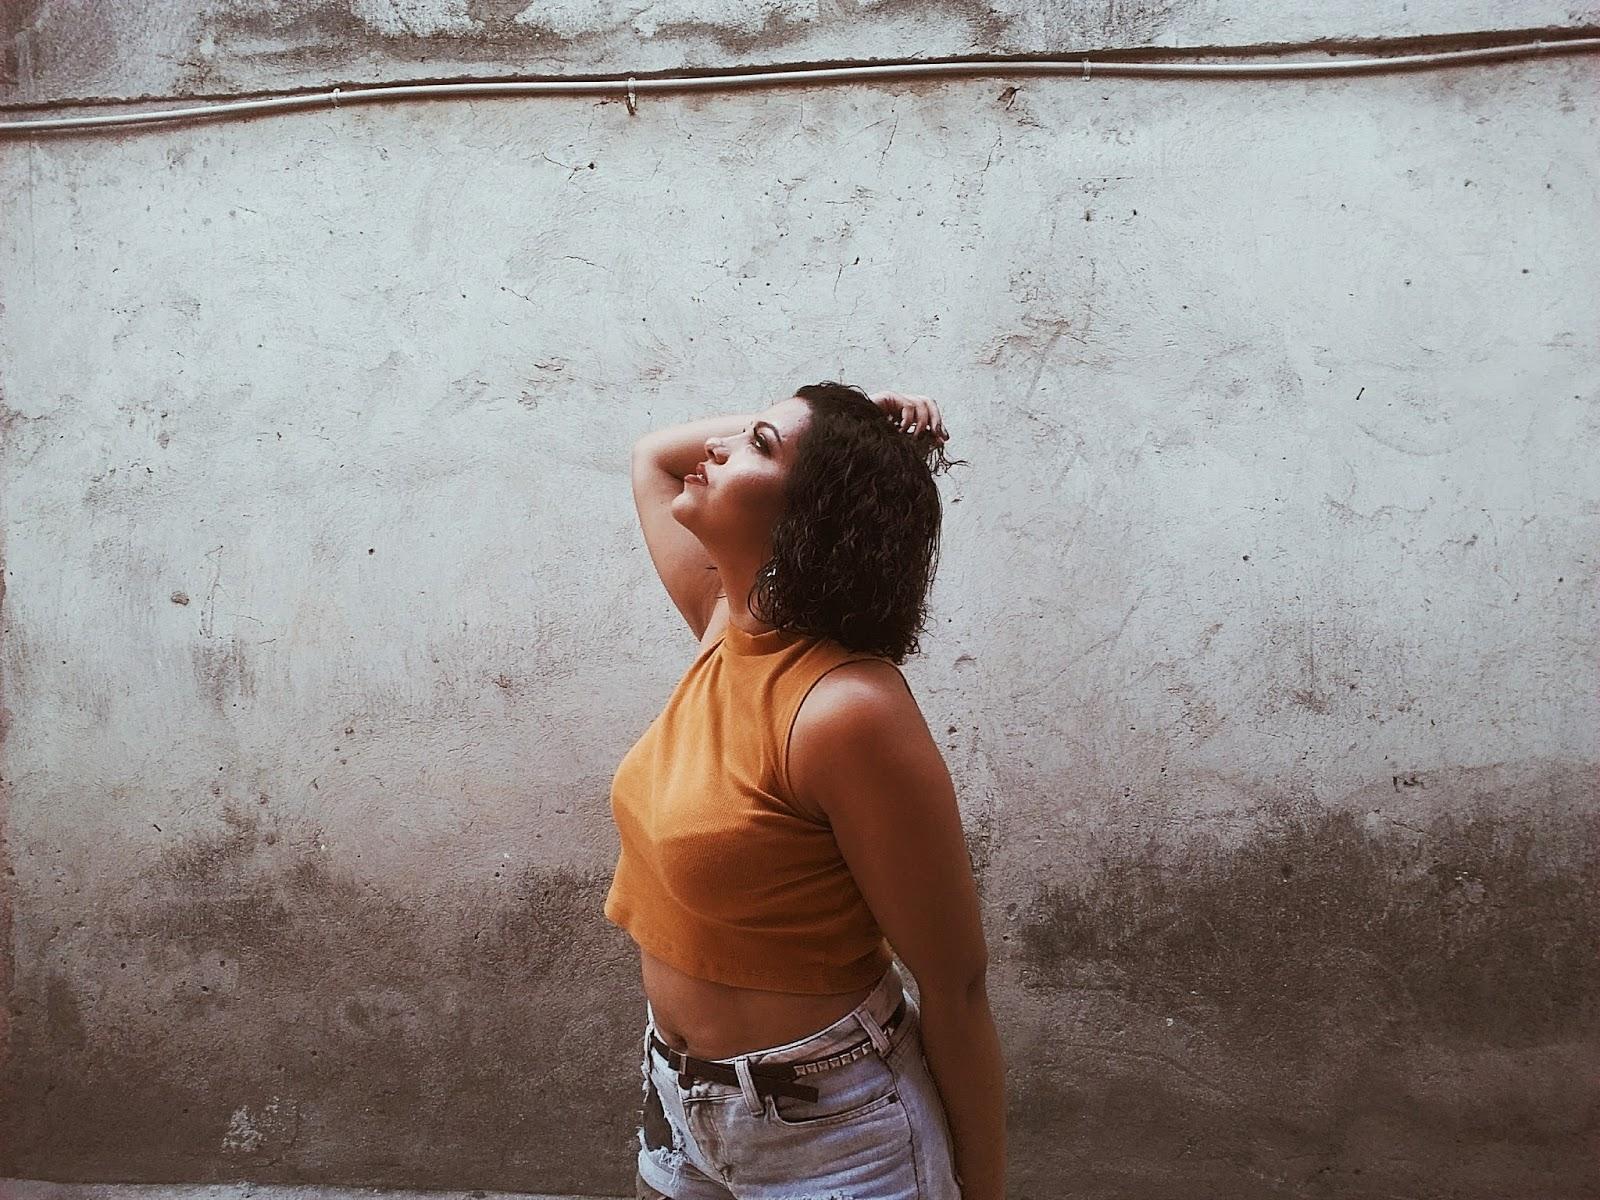 PORQUE SAI DO LOIRO E VOLTEI A SER MORENA | BLOG CONFIDENT POR LETÍCIA CAETANO